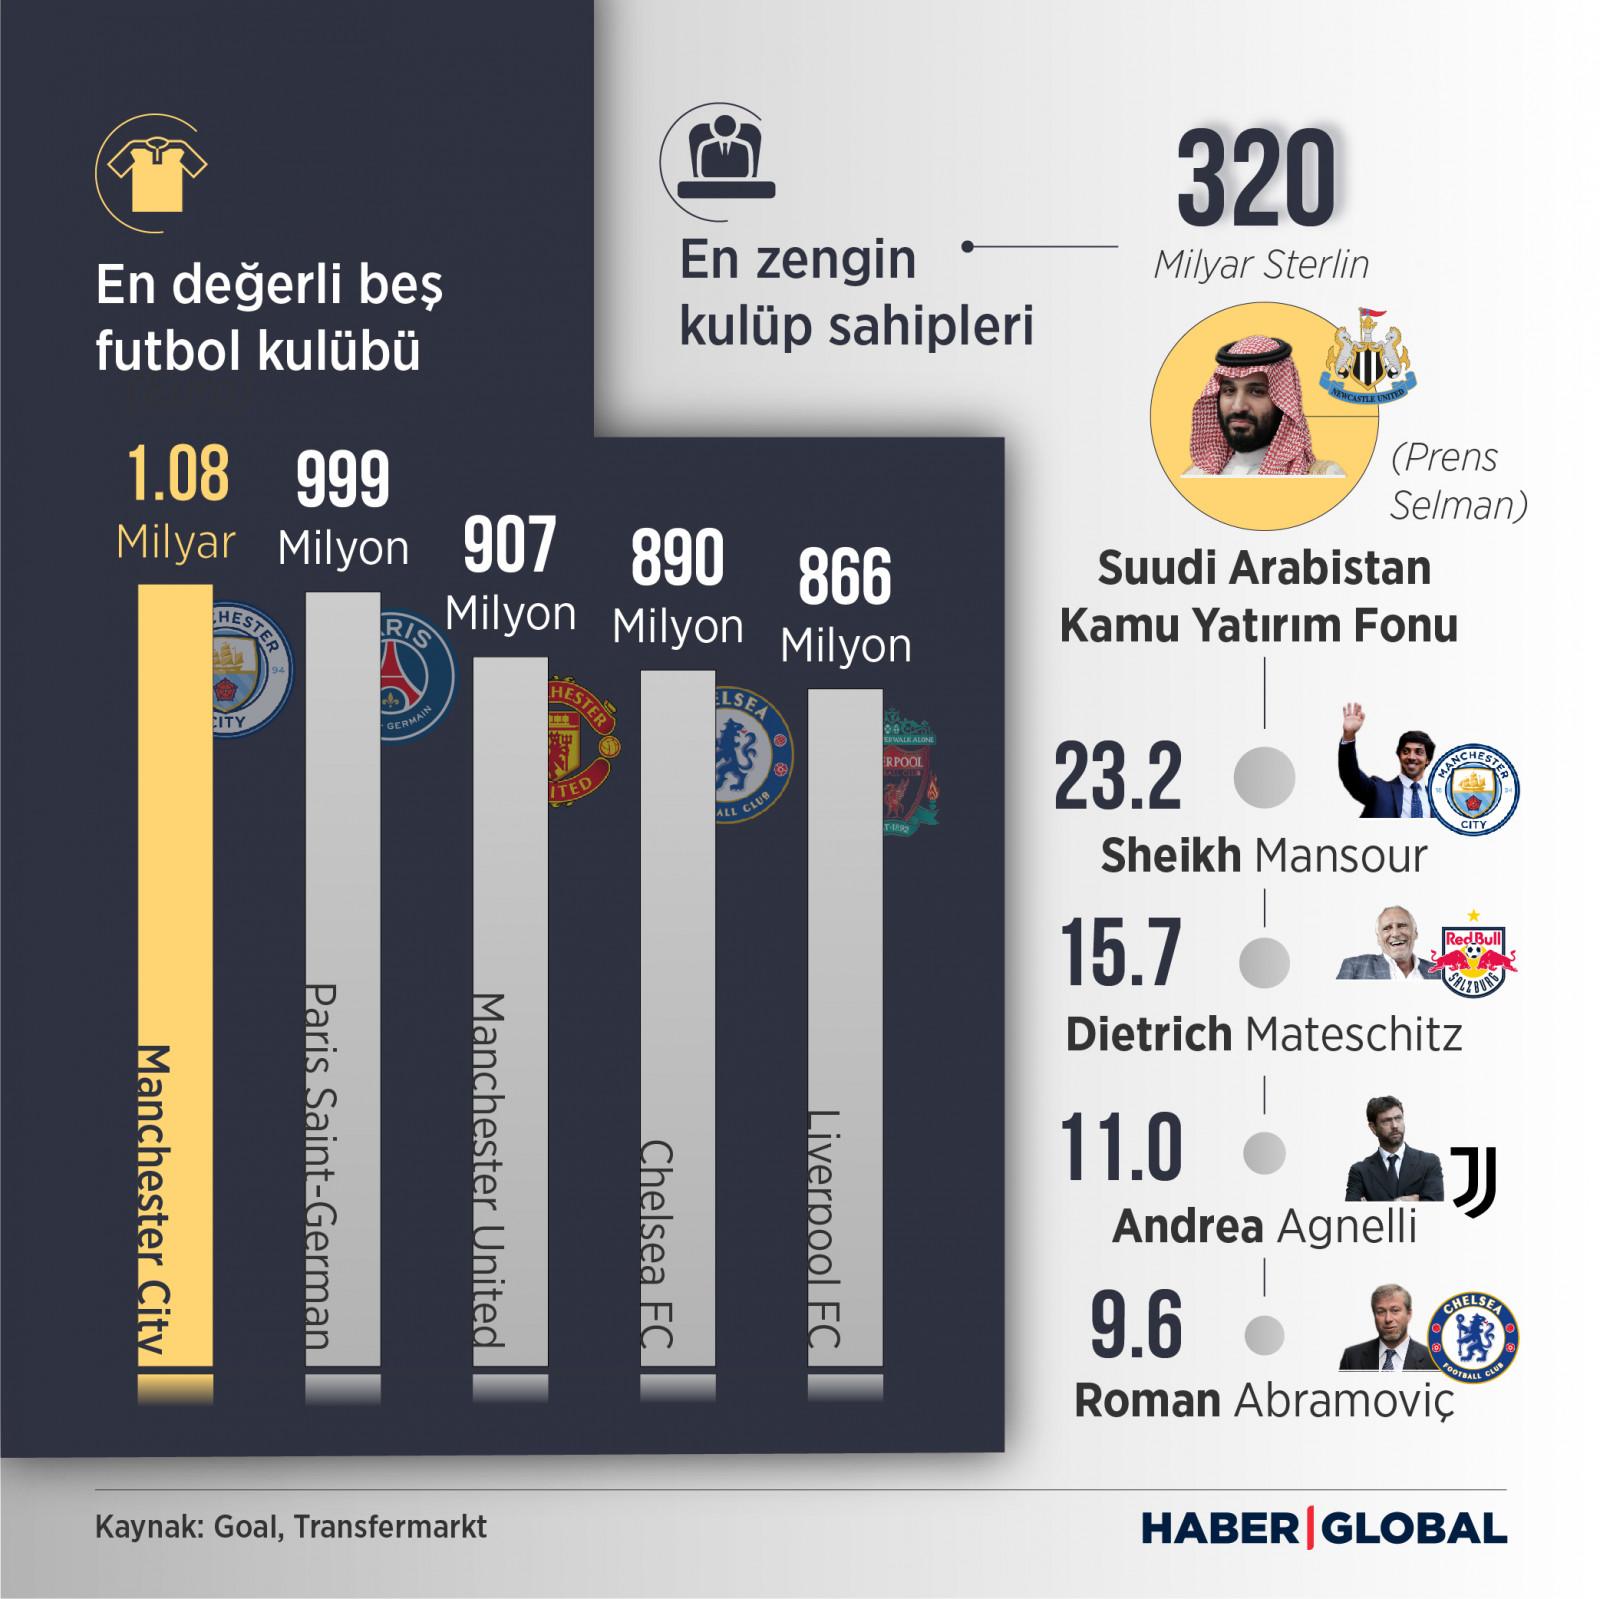 Dünyanın en değerli ilk beş futbol kulübünü ve en zengin beş futbol kulübü sahibini gösteren infografik